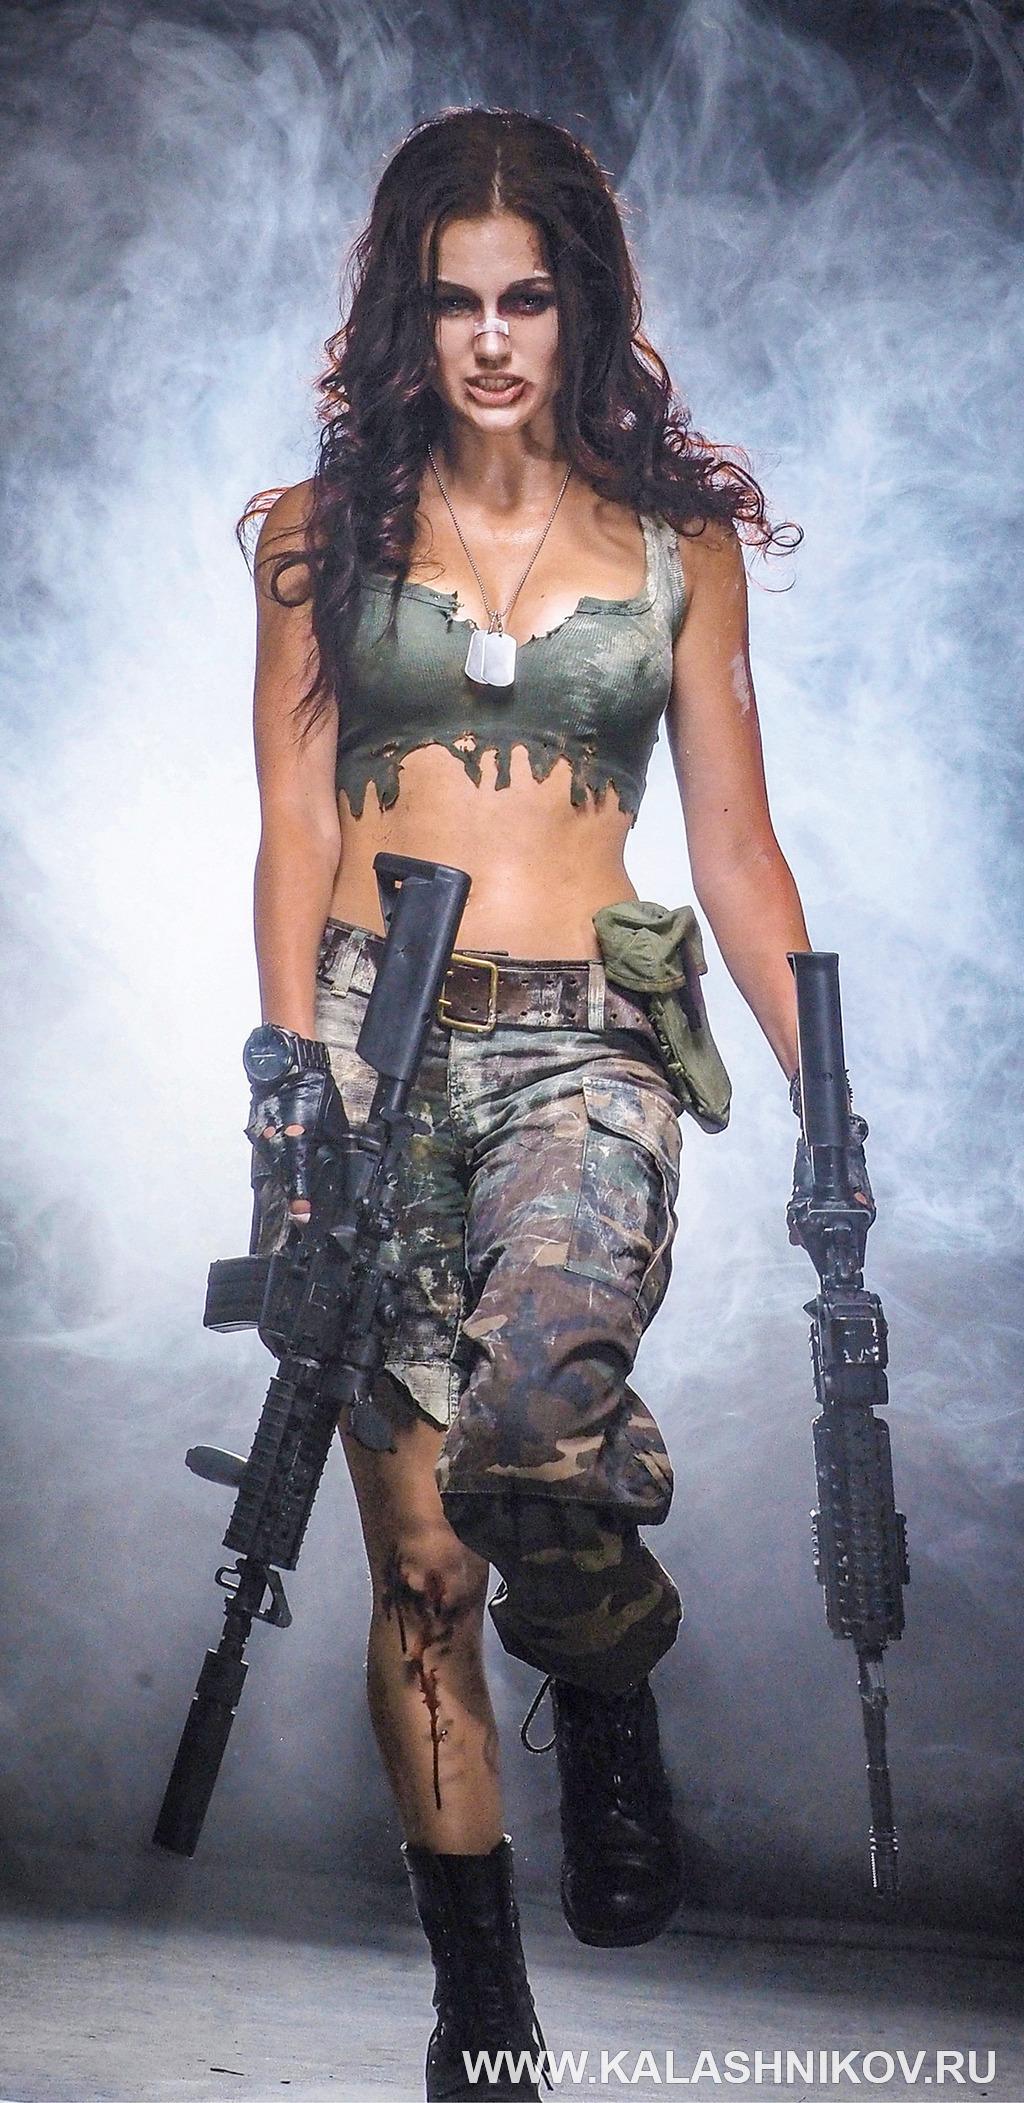 Женщина с оружием, ProHunt 2018. Журнал Калашников